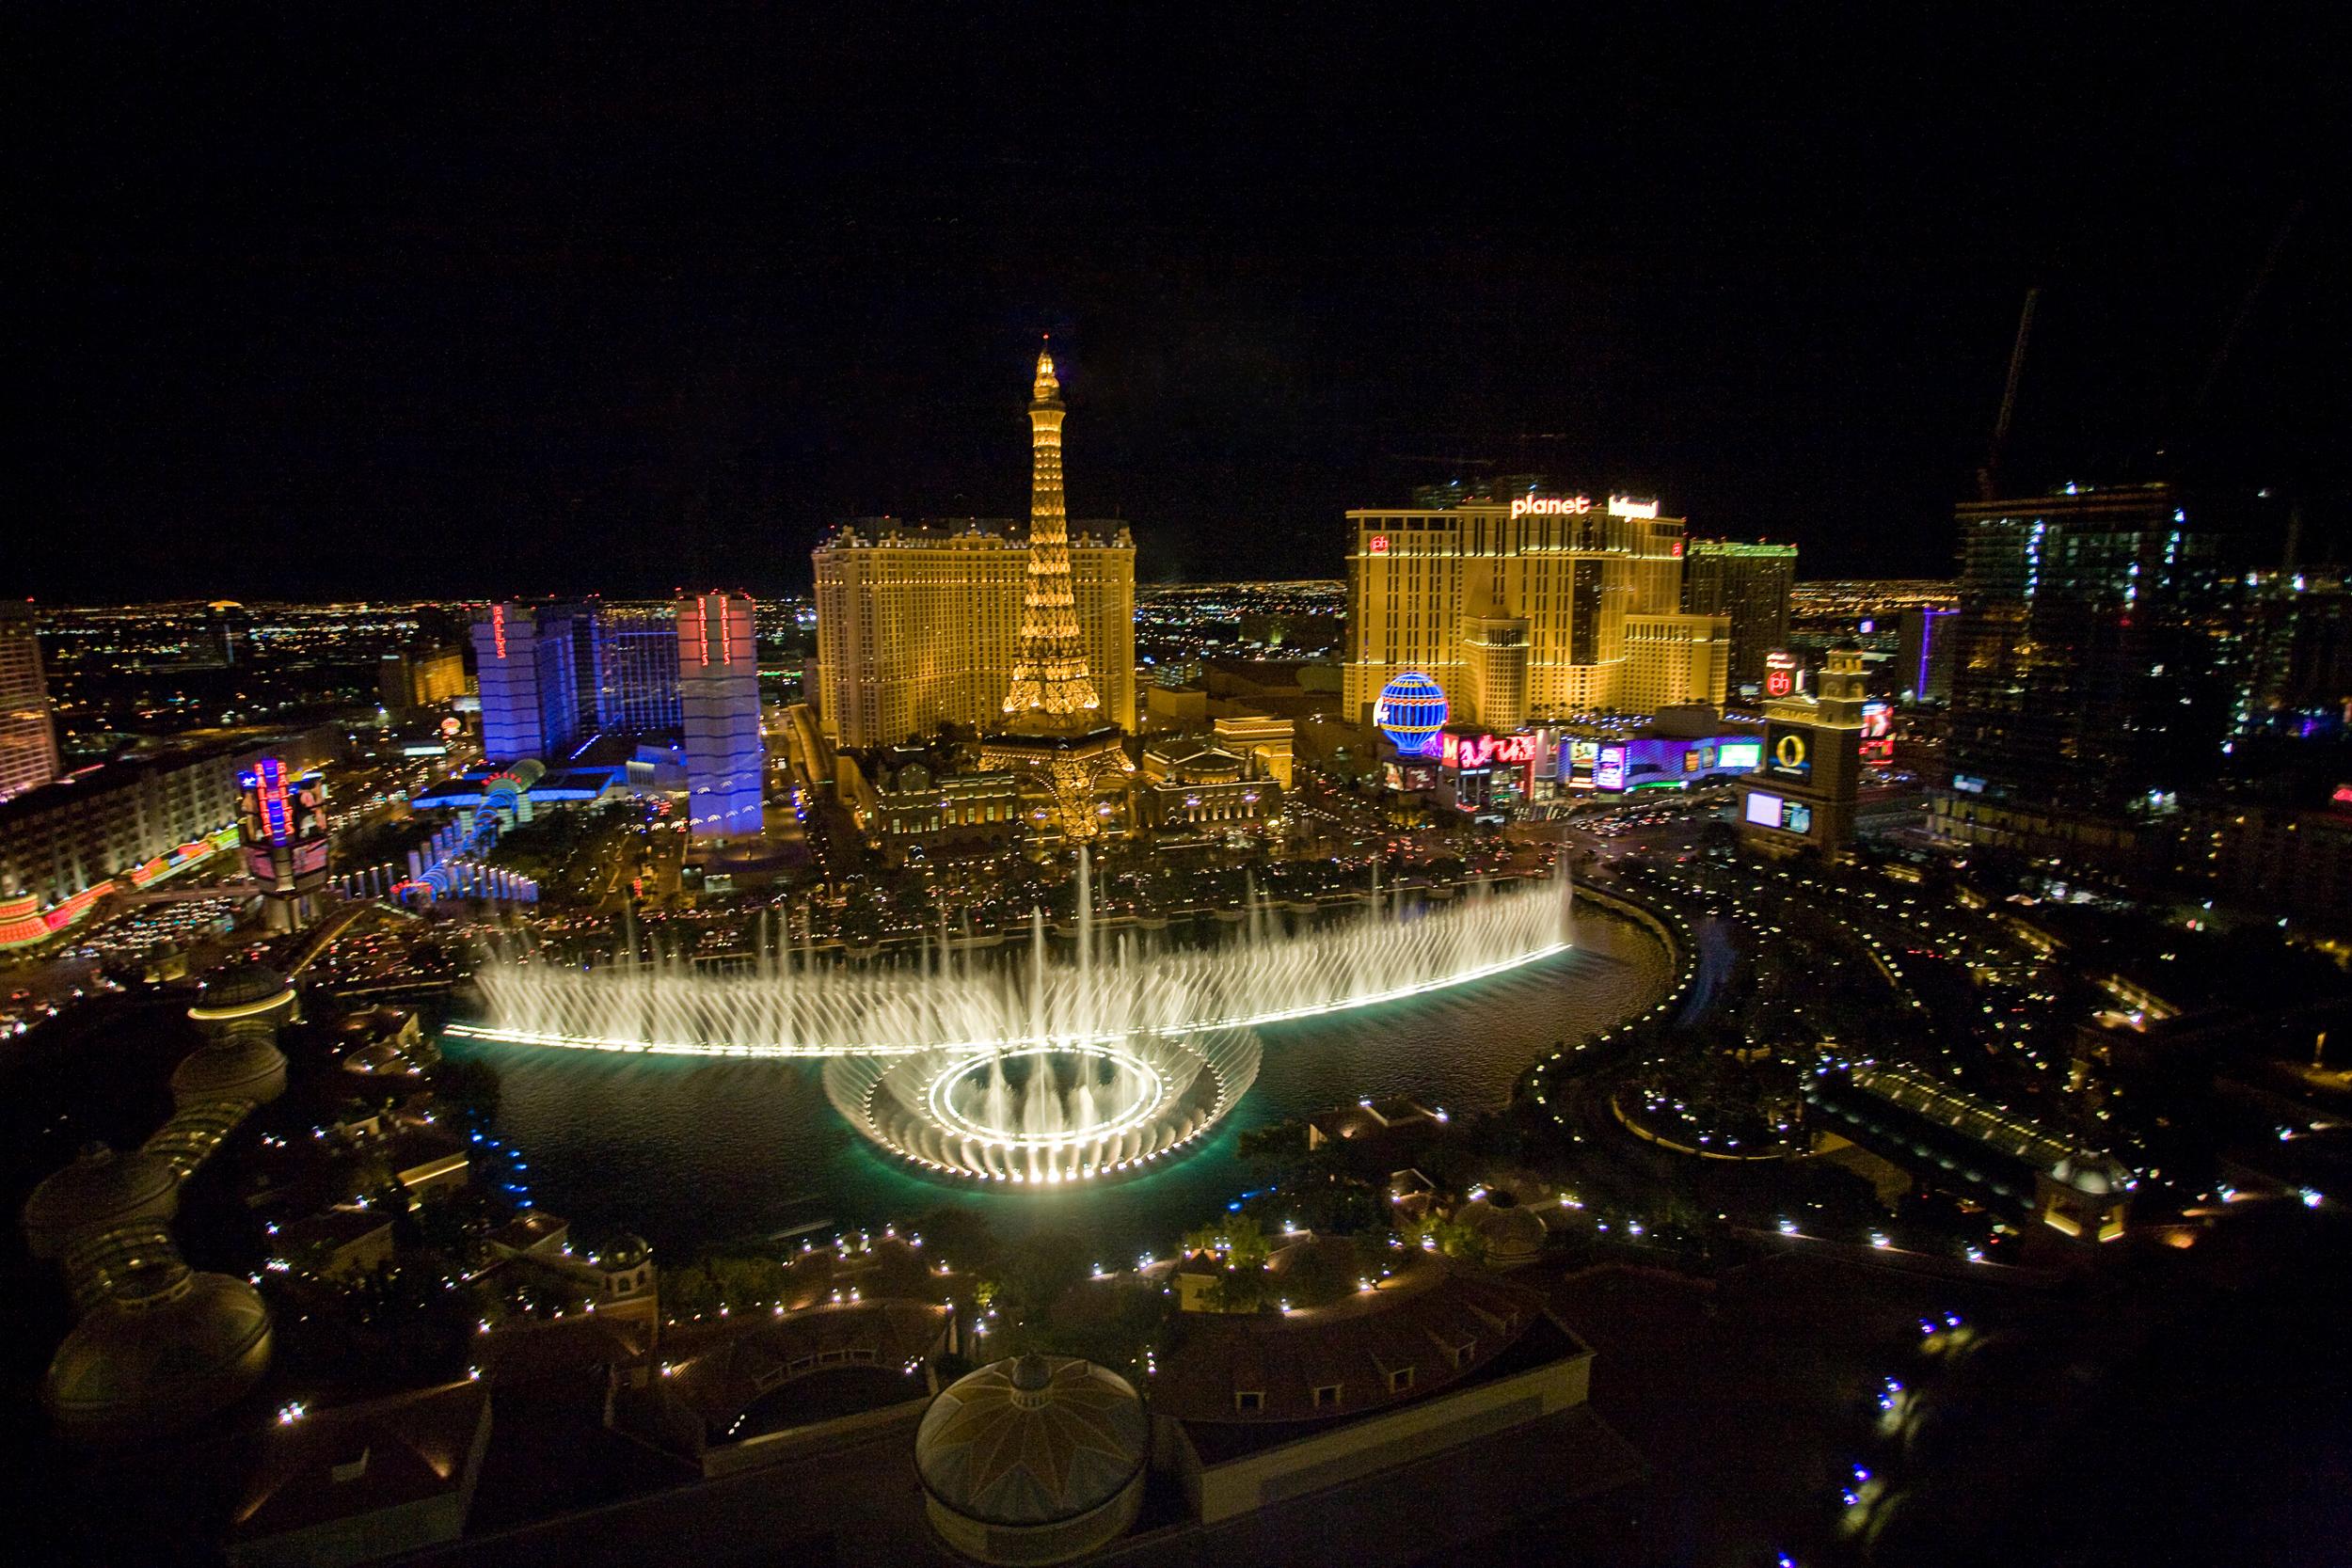 Bellagio Fountain on the Las Vegas Strip